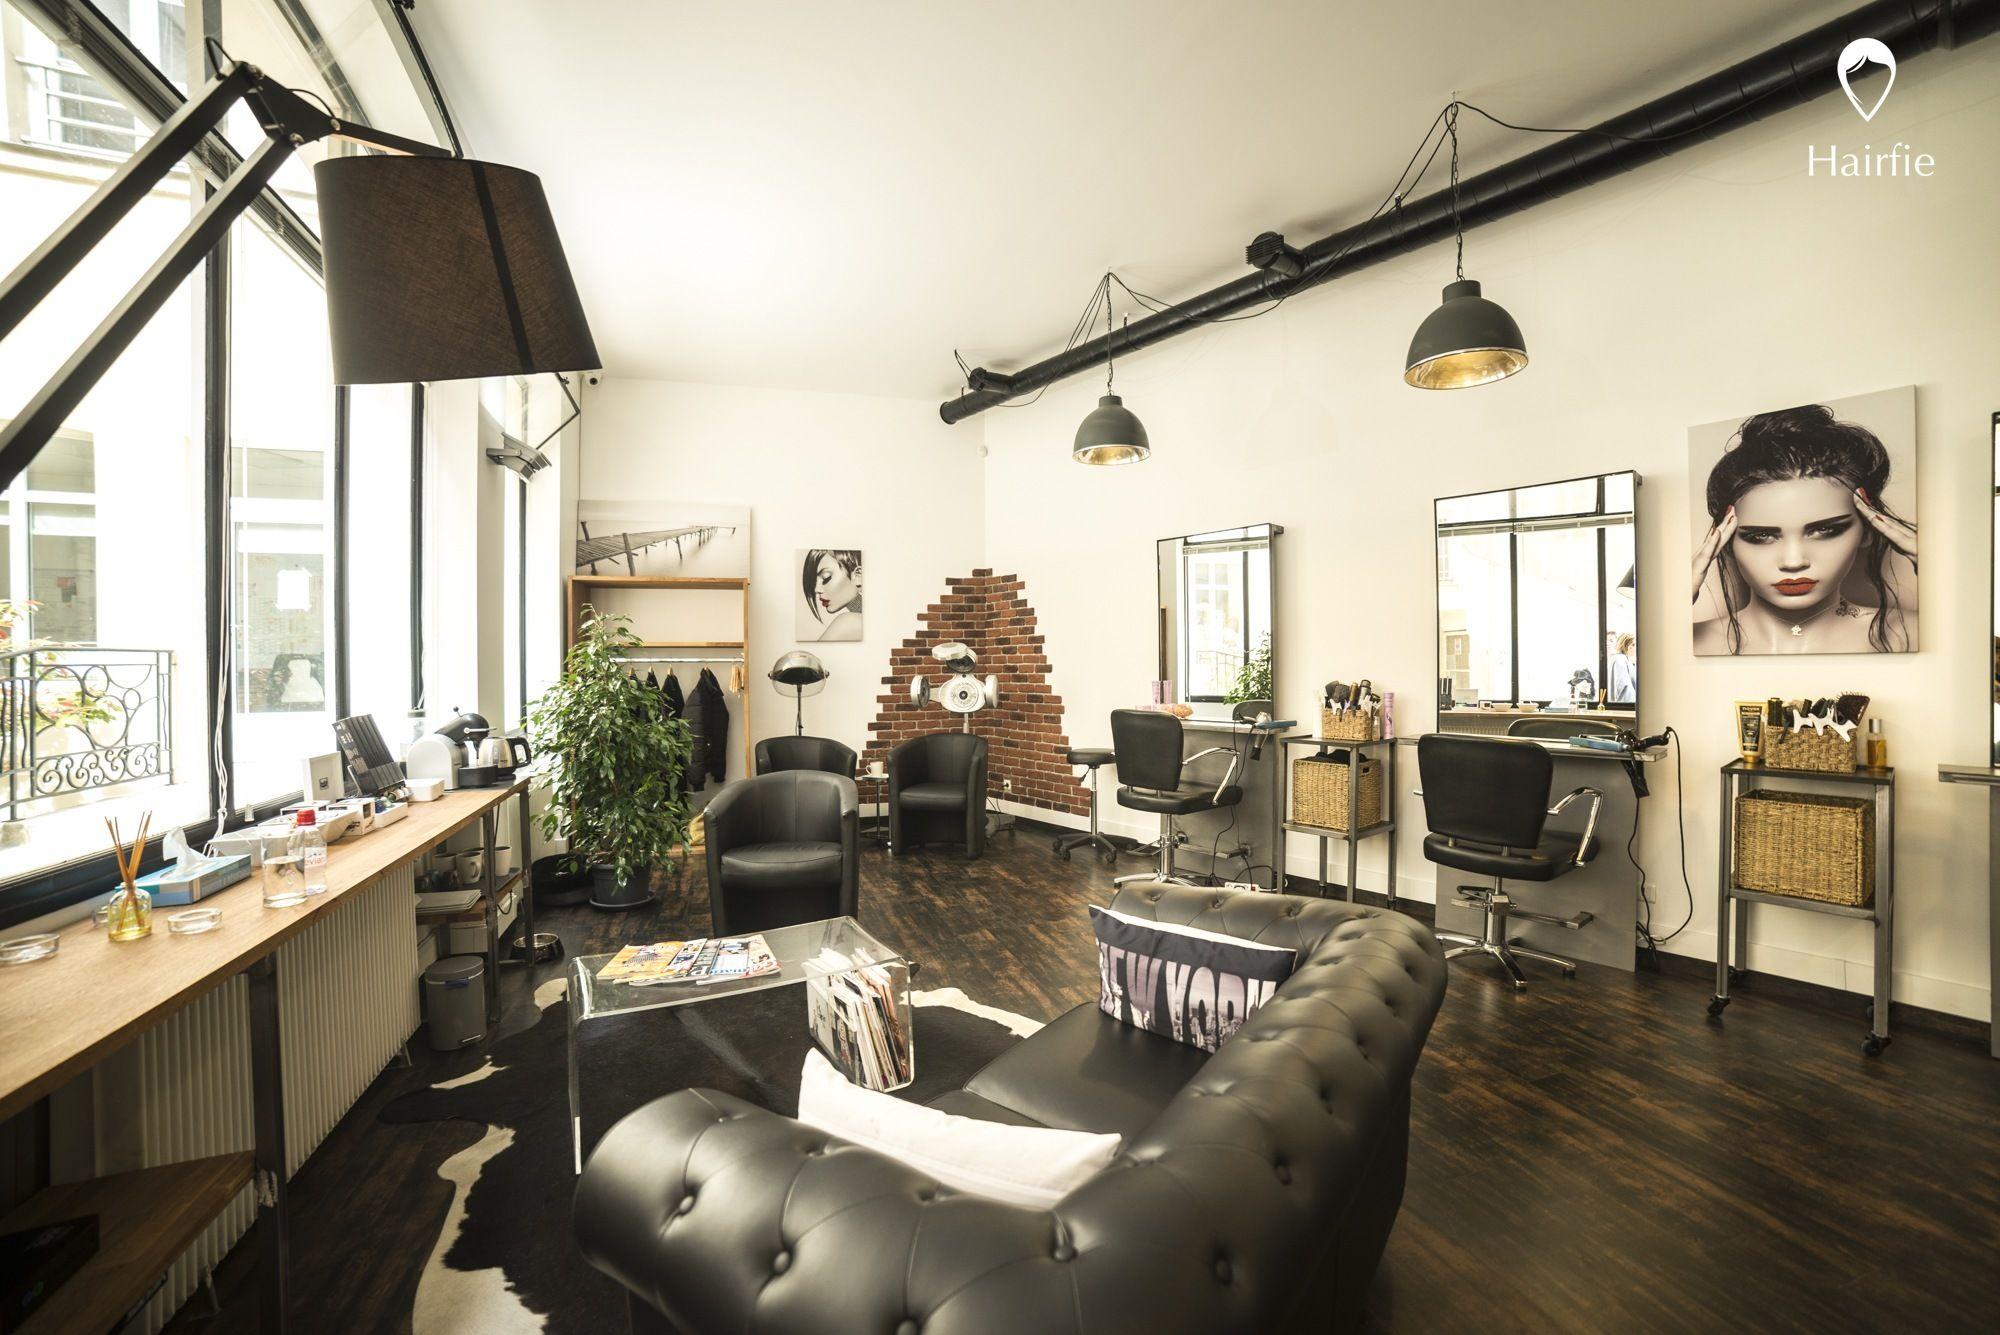 Salon de coiffure Adriano NS Coiffure  Salon de coiffure